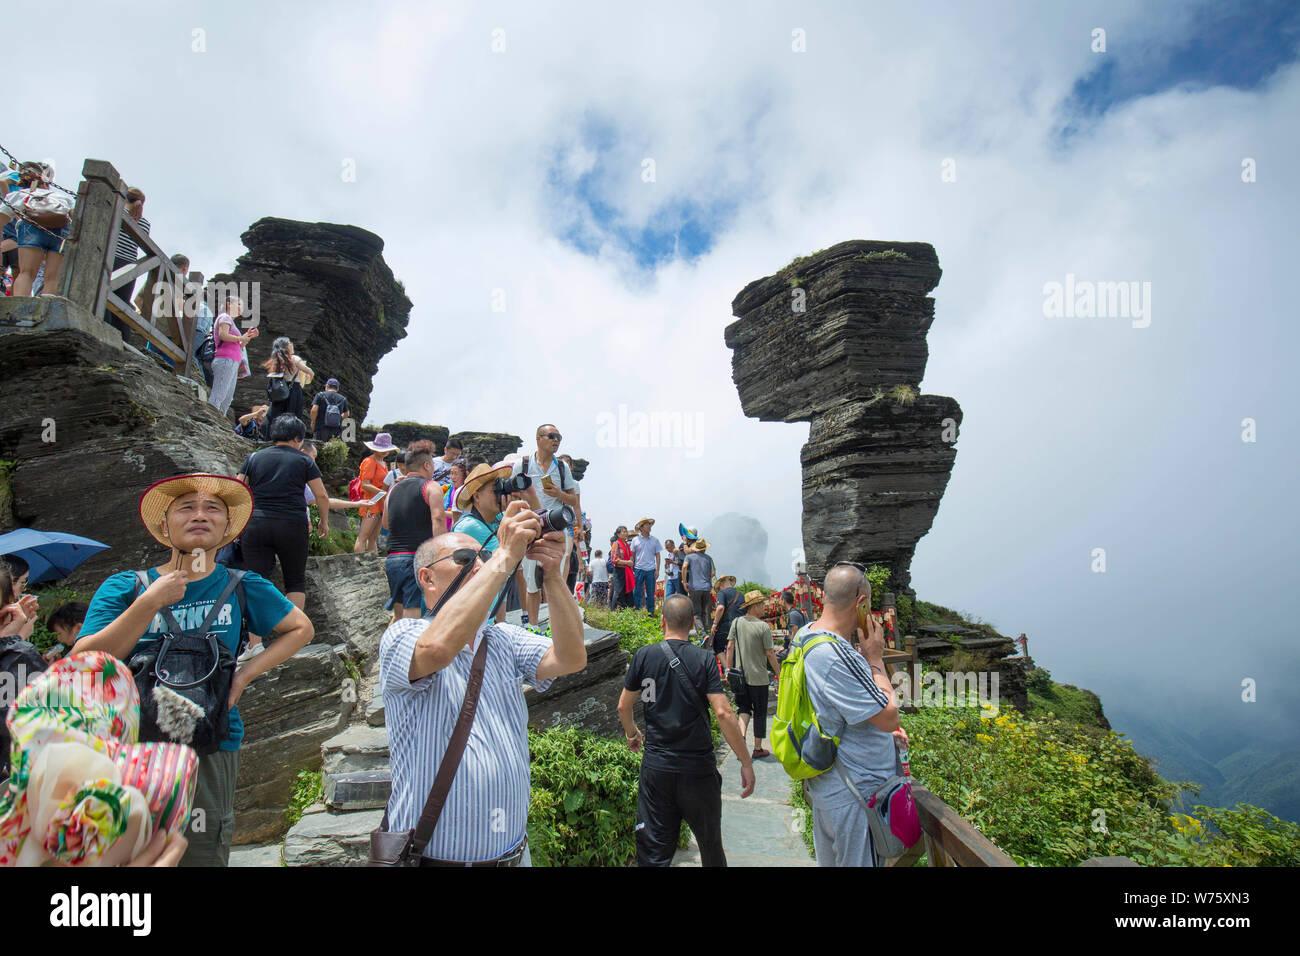 190805) -- BEIJING, Aug  5, 2019 (Xinhua) -- Tourists visit